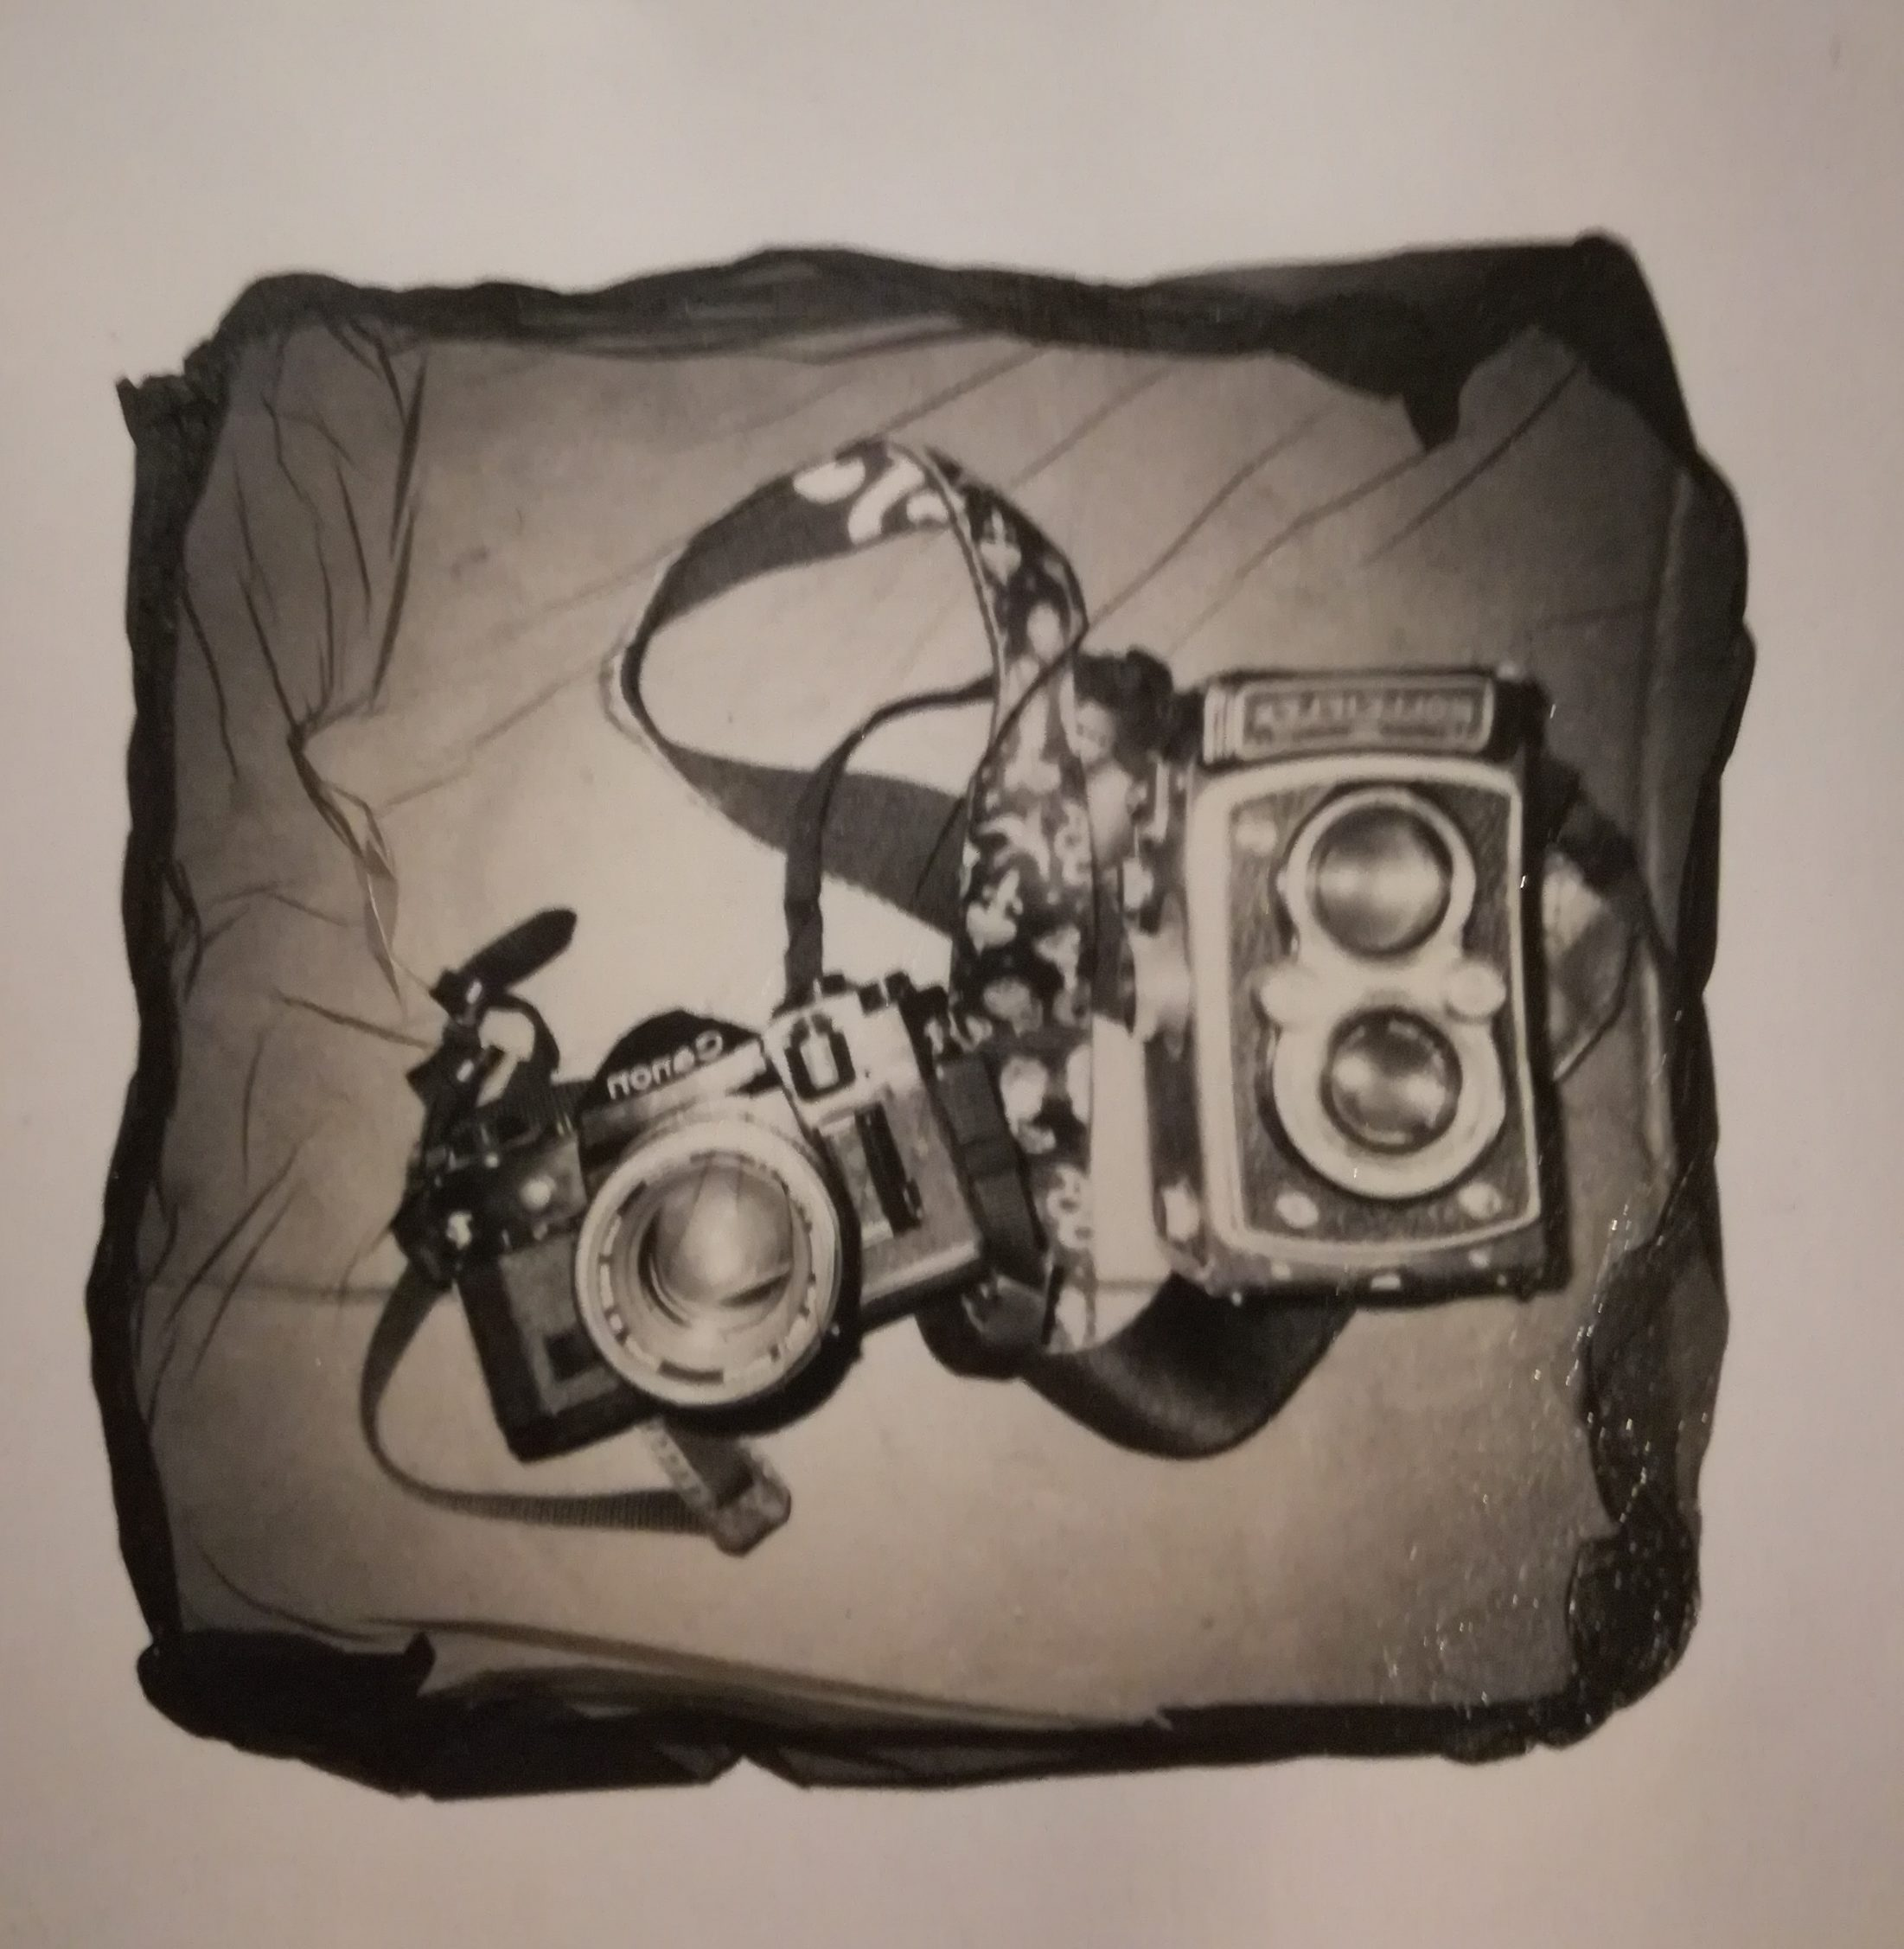 Transfert de photos Polaroid sur support   Analog You ed5c016dca8b